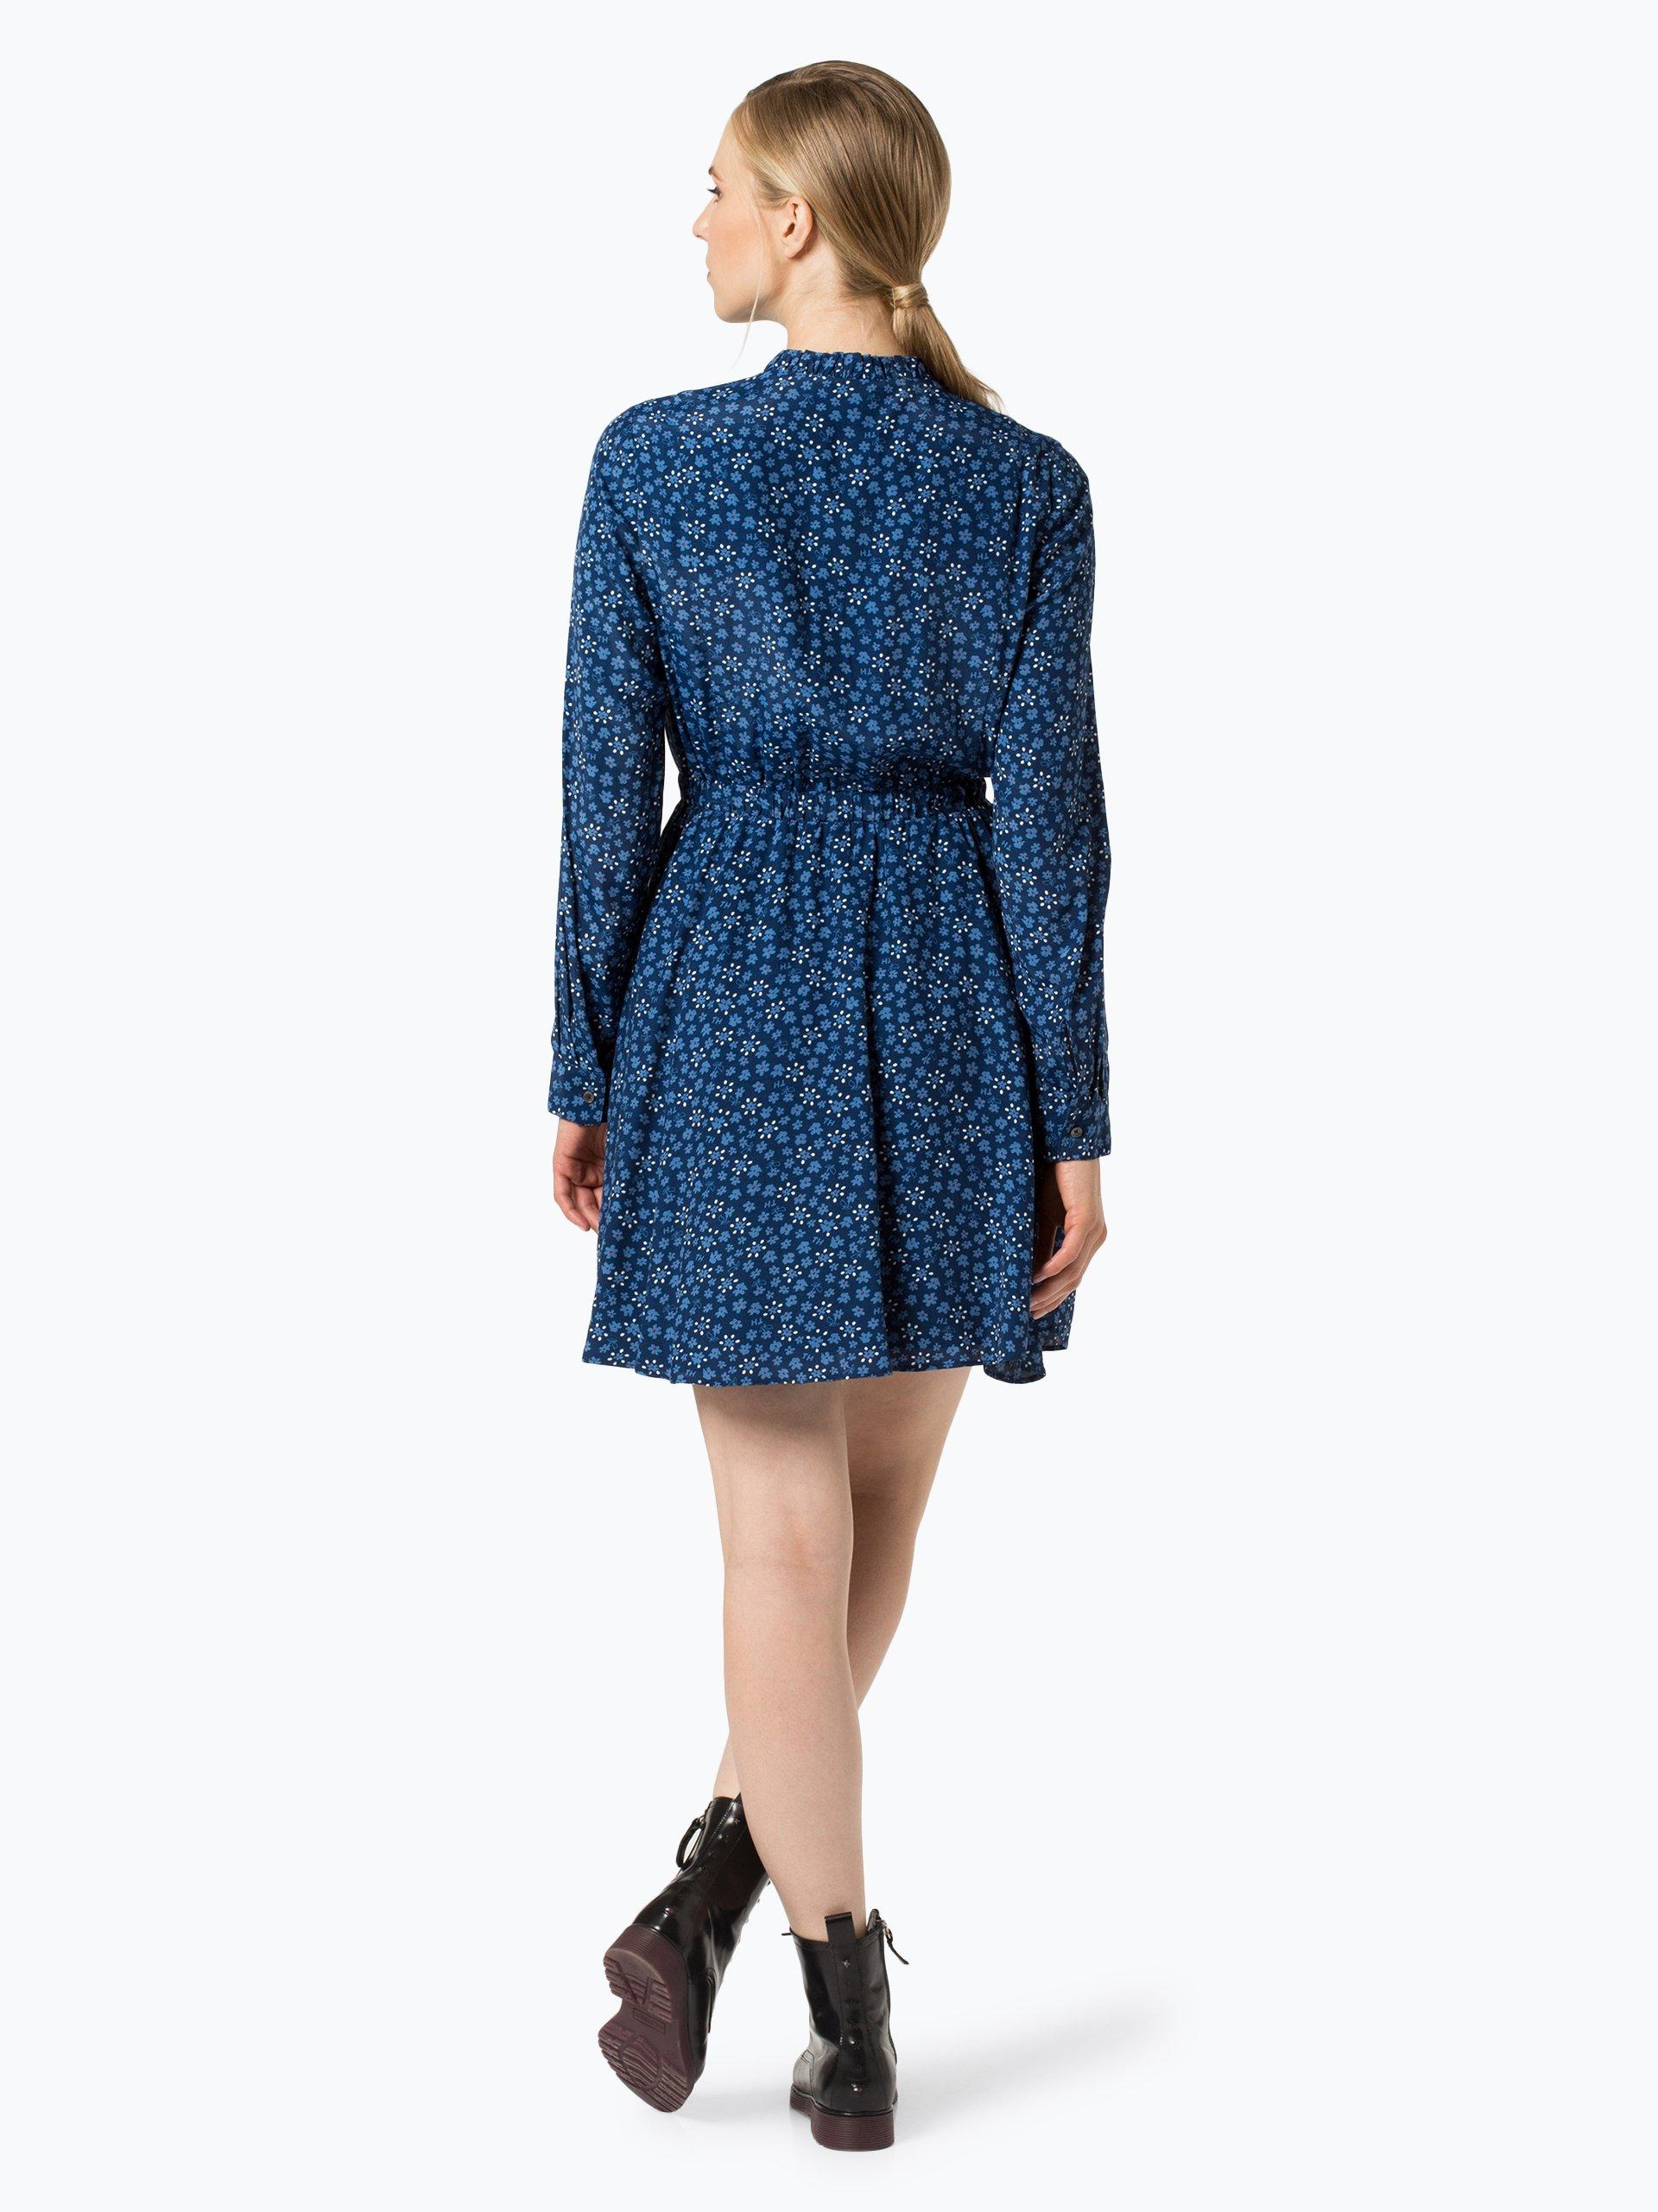 tommy hilfiger damen kleid royal blau gemustert online. Black Bedroom Furniture Sets. Home Design Ideas